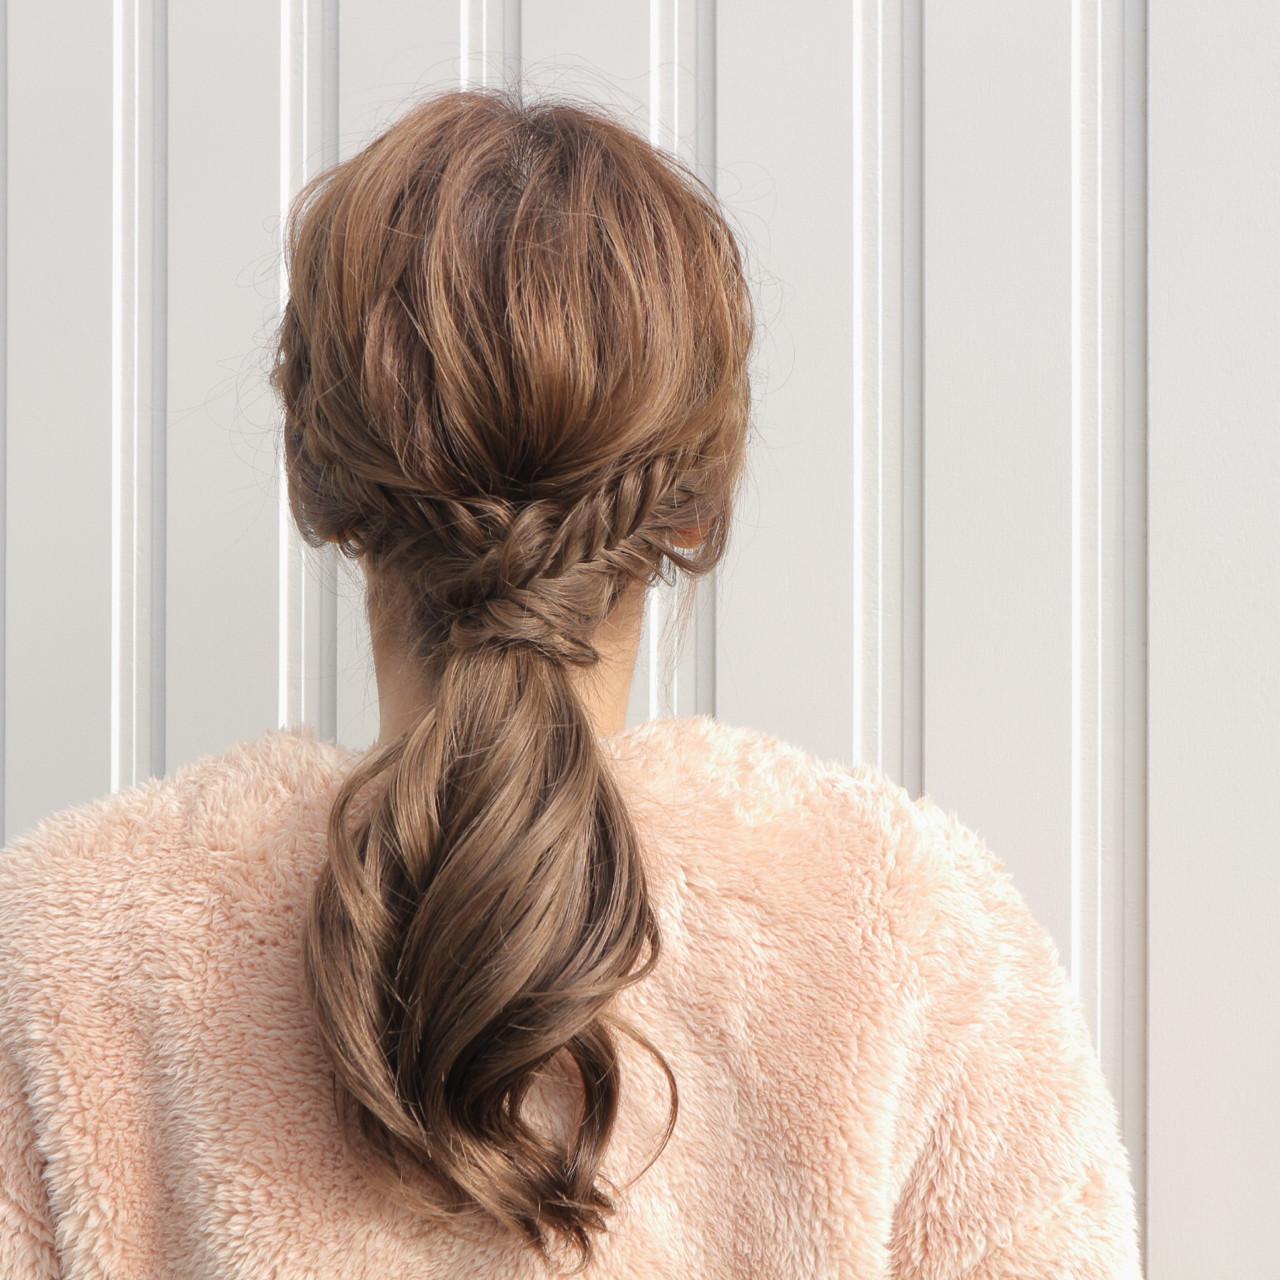 ナチュラル ポニーテール 外国人風 ヘアアレンジ ヘアスタイルや髪型の写真・画像   桑村亮太/CALIF hair store / 函館/CALIF hair store/キャリフ ヘアストア